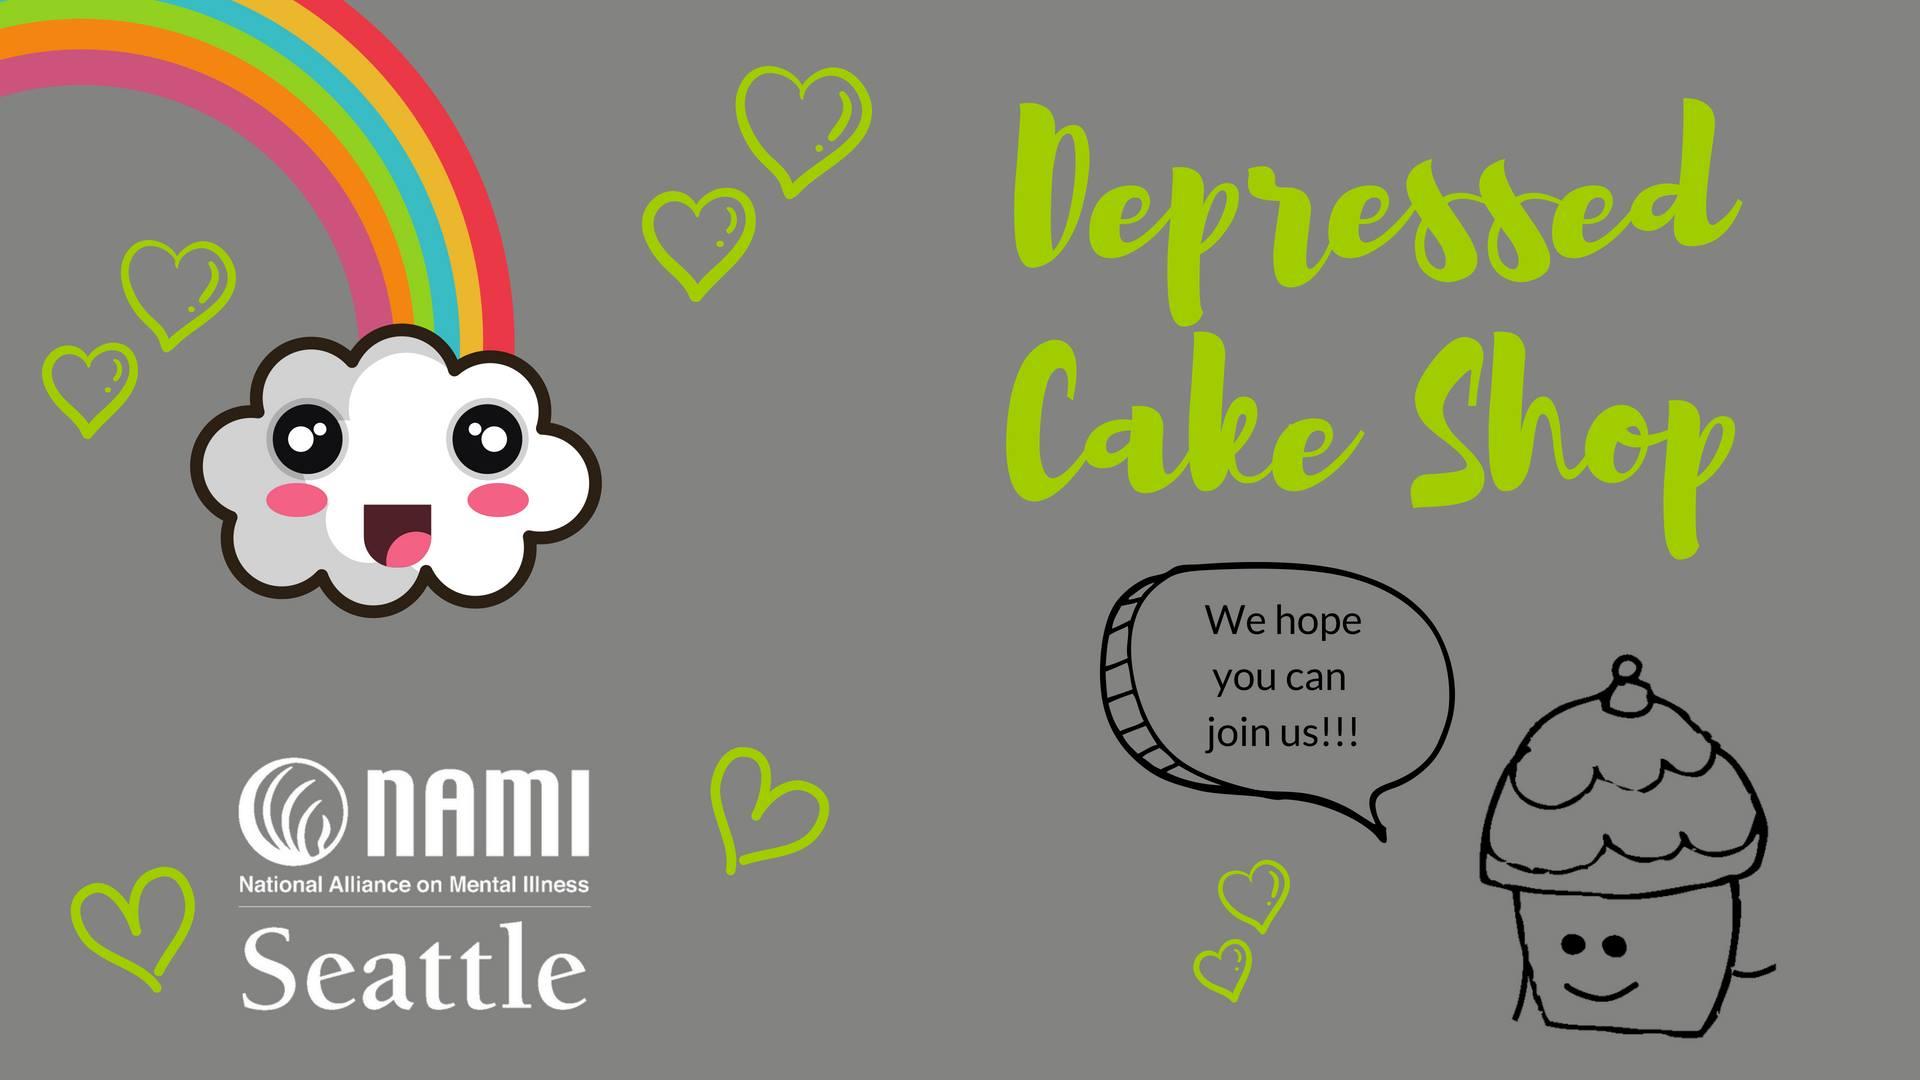 depressed cake shop header